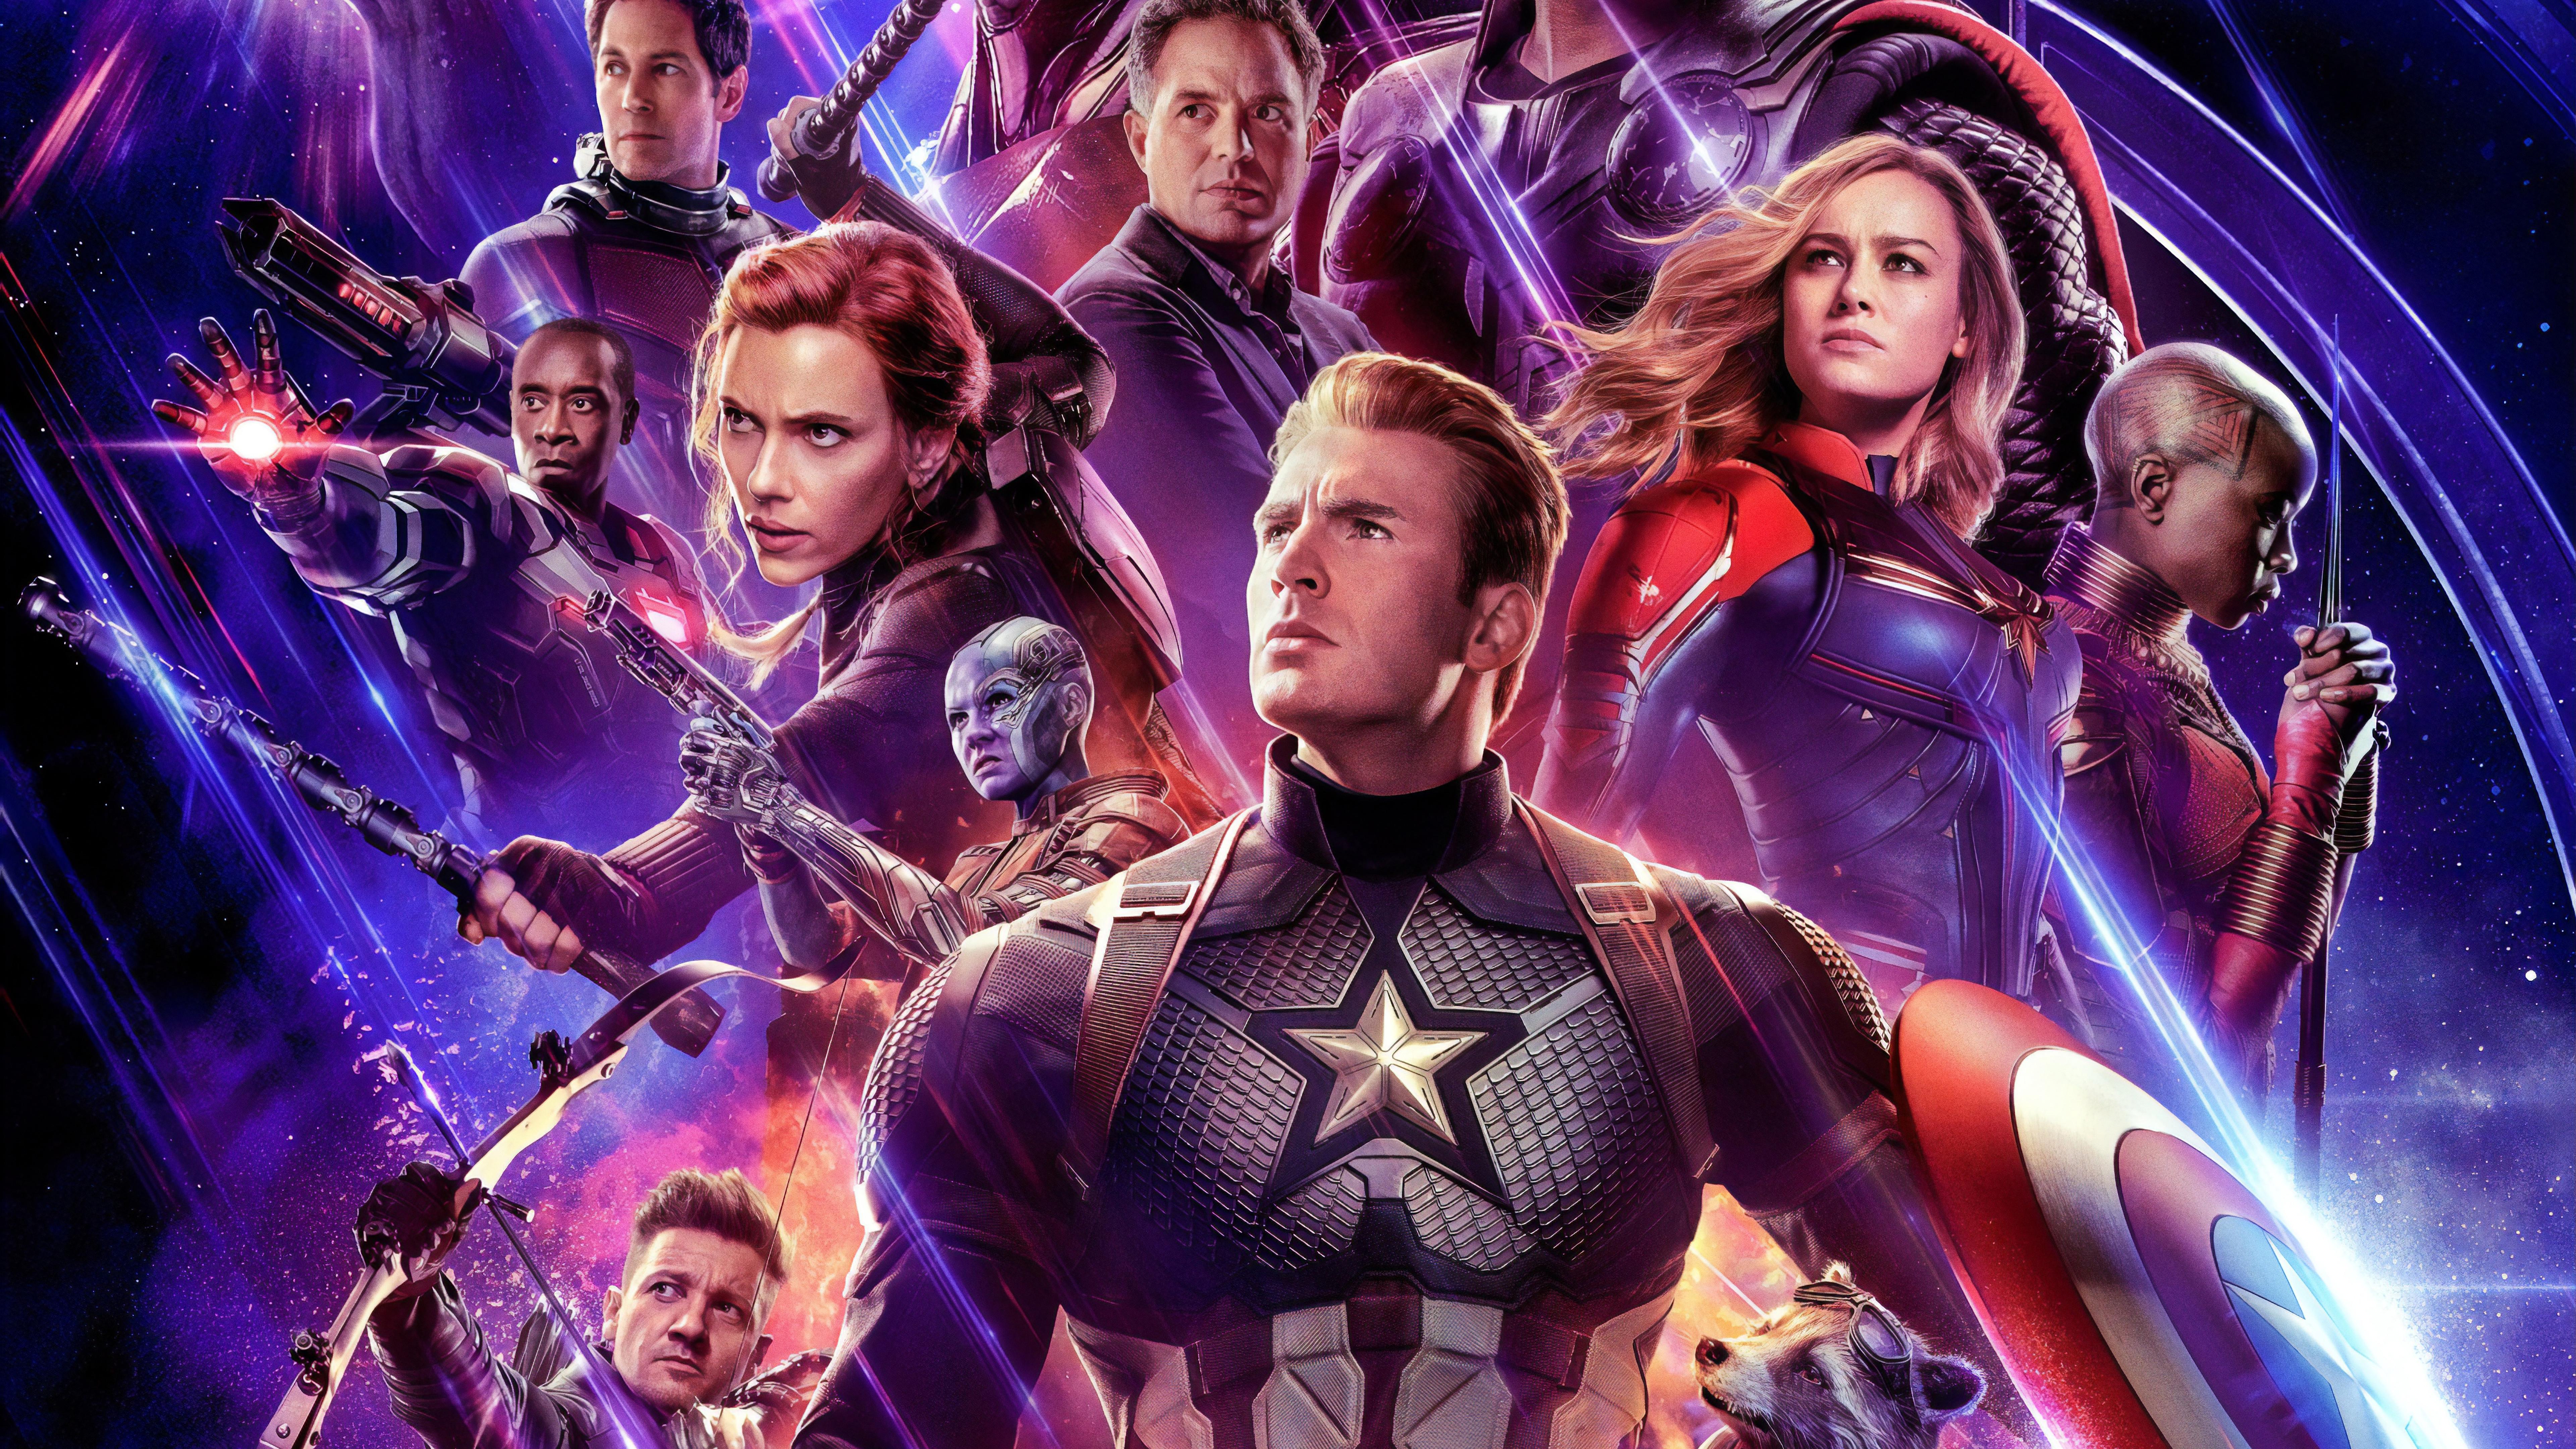 Avengers Endgame Cast Characters 8k Wallpaper 62